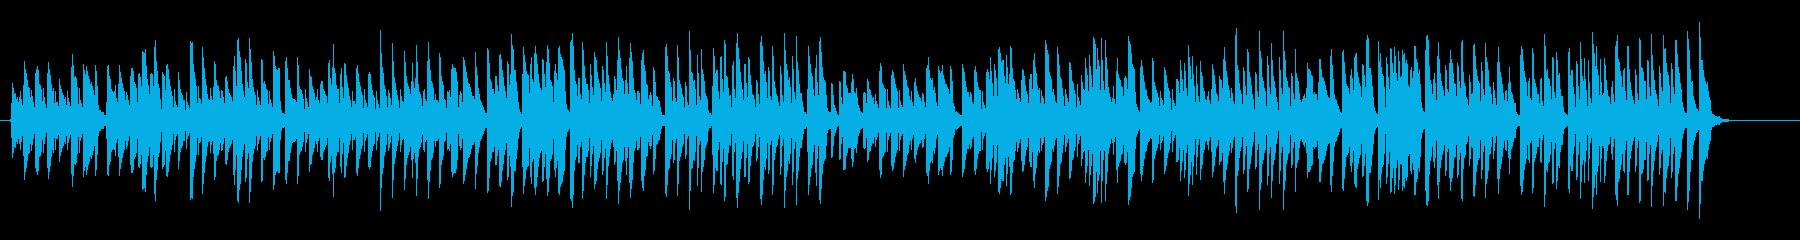 ルンルン気分の軽快でかわいらしい曲の再生済みの波形